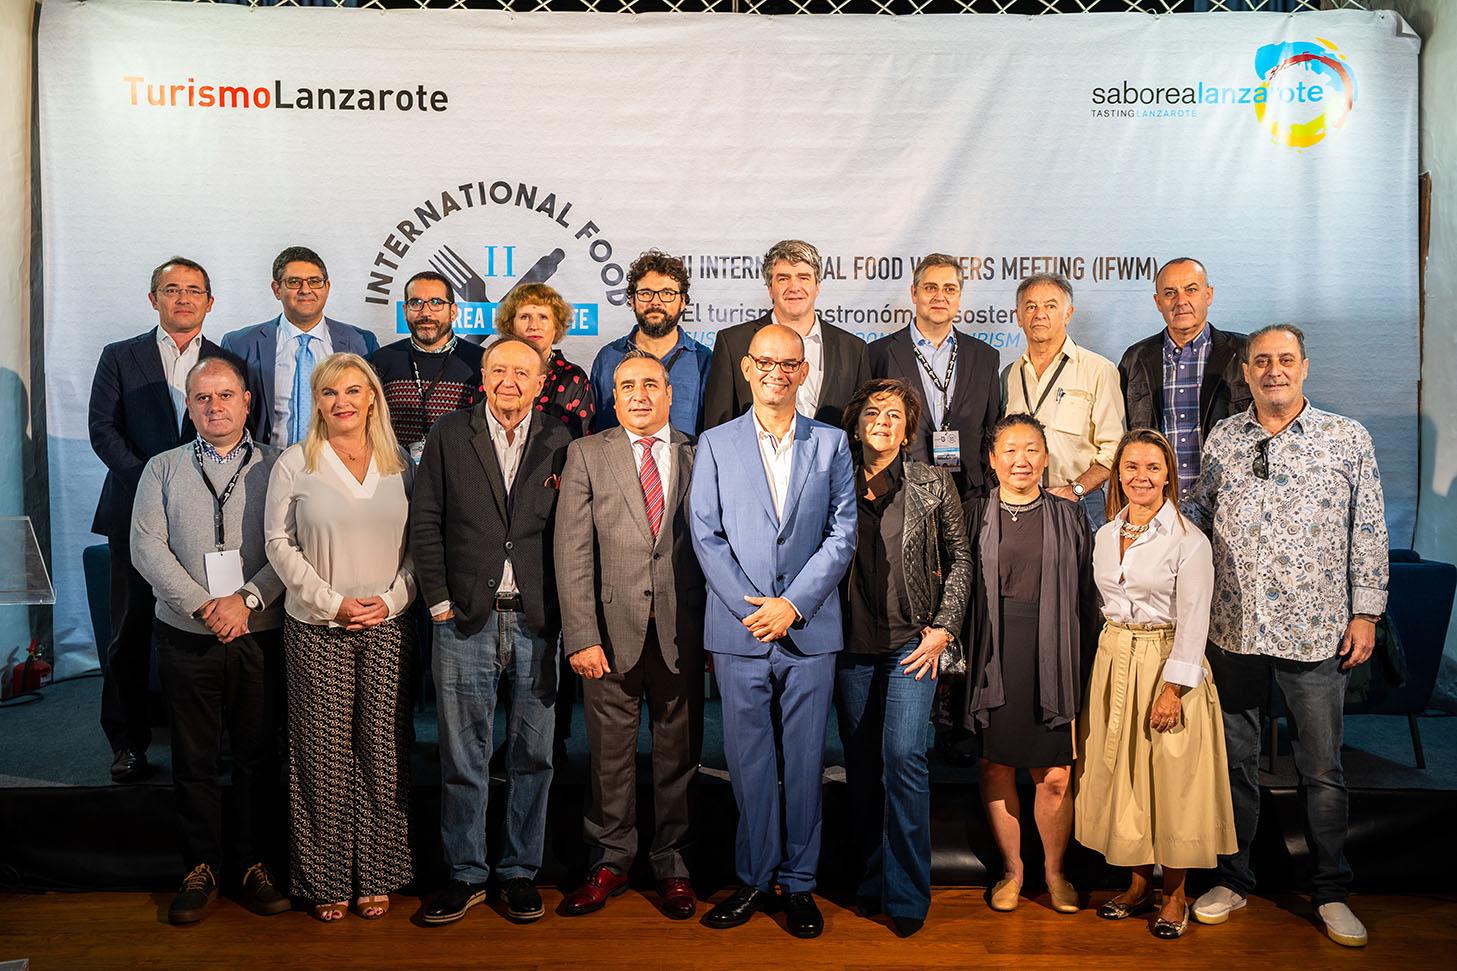 Periodistas gastronómicos de toda Europa asumen el reto de trabajar en pro del impulso del producto y los valores del territorio como vía para favorecer el desarrollo de un turismo gastronómico cada vez más sostenible